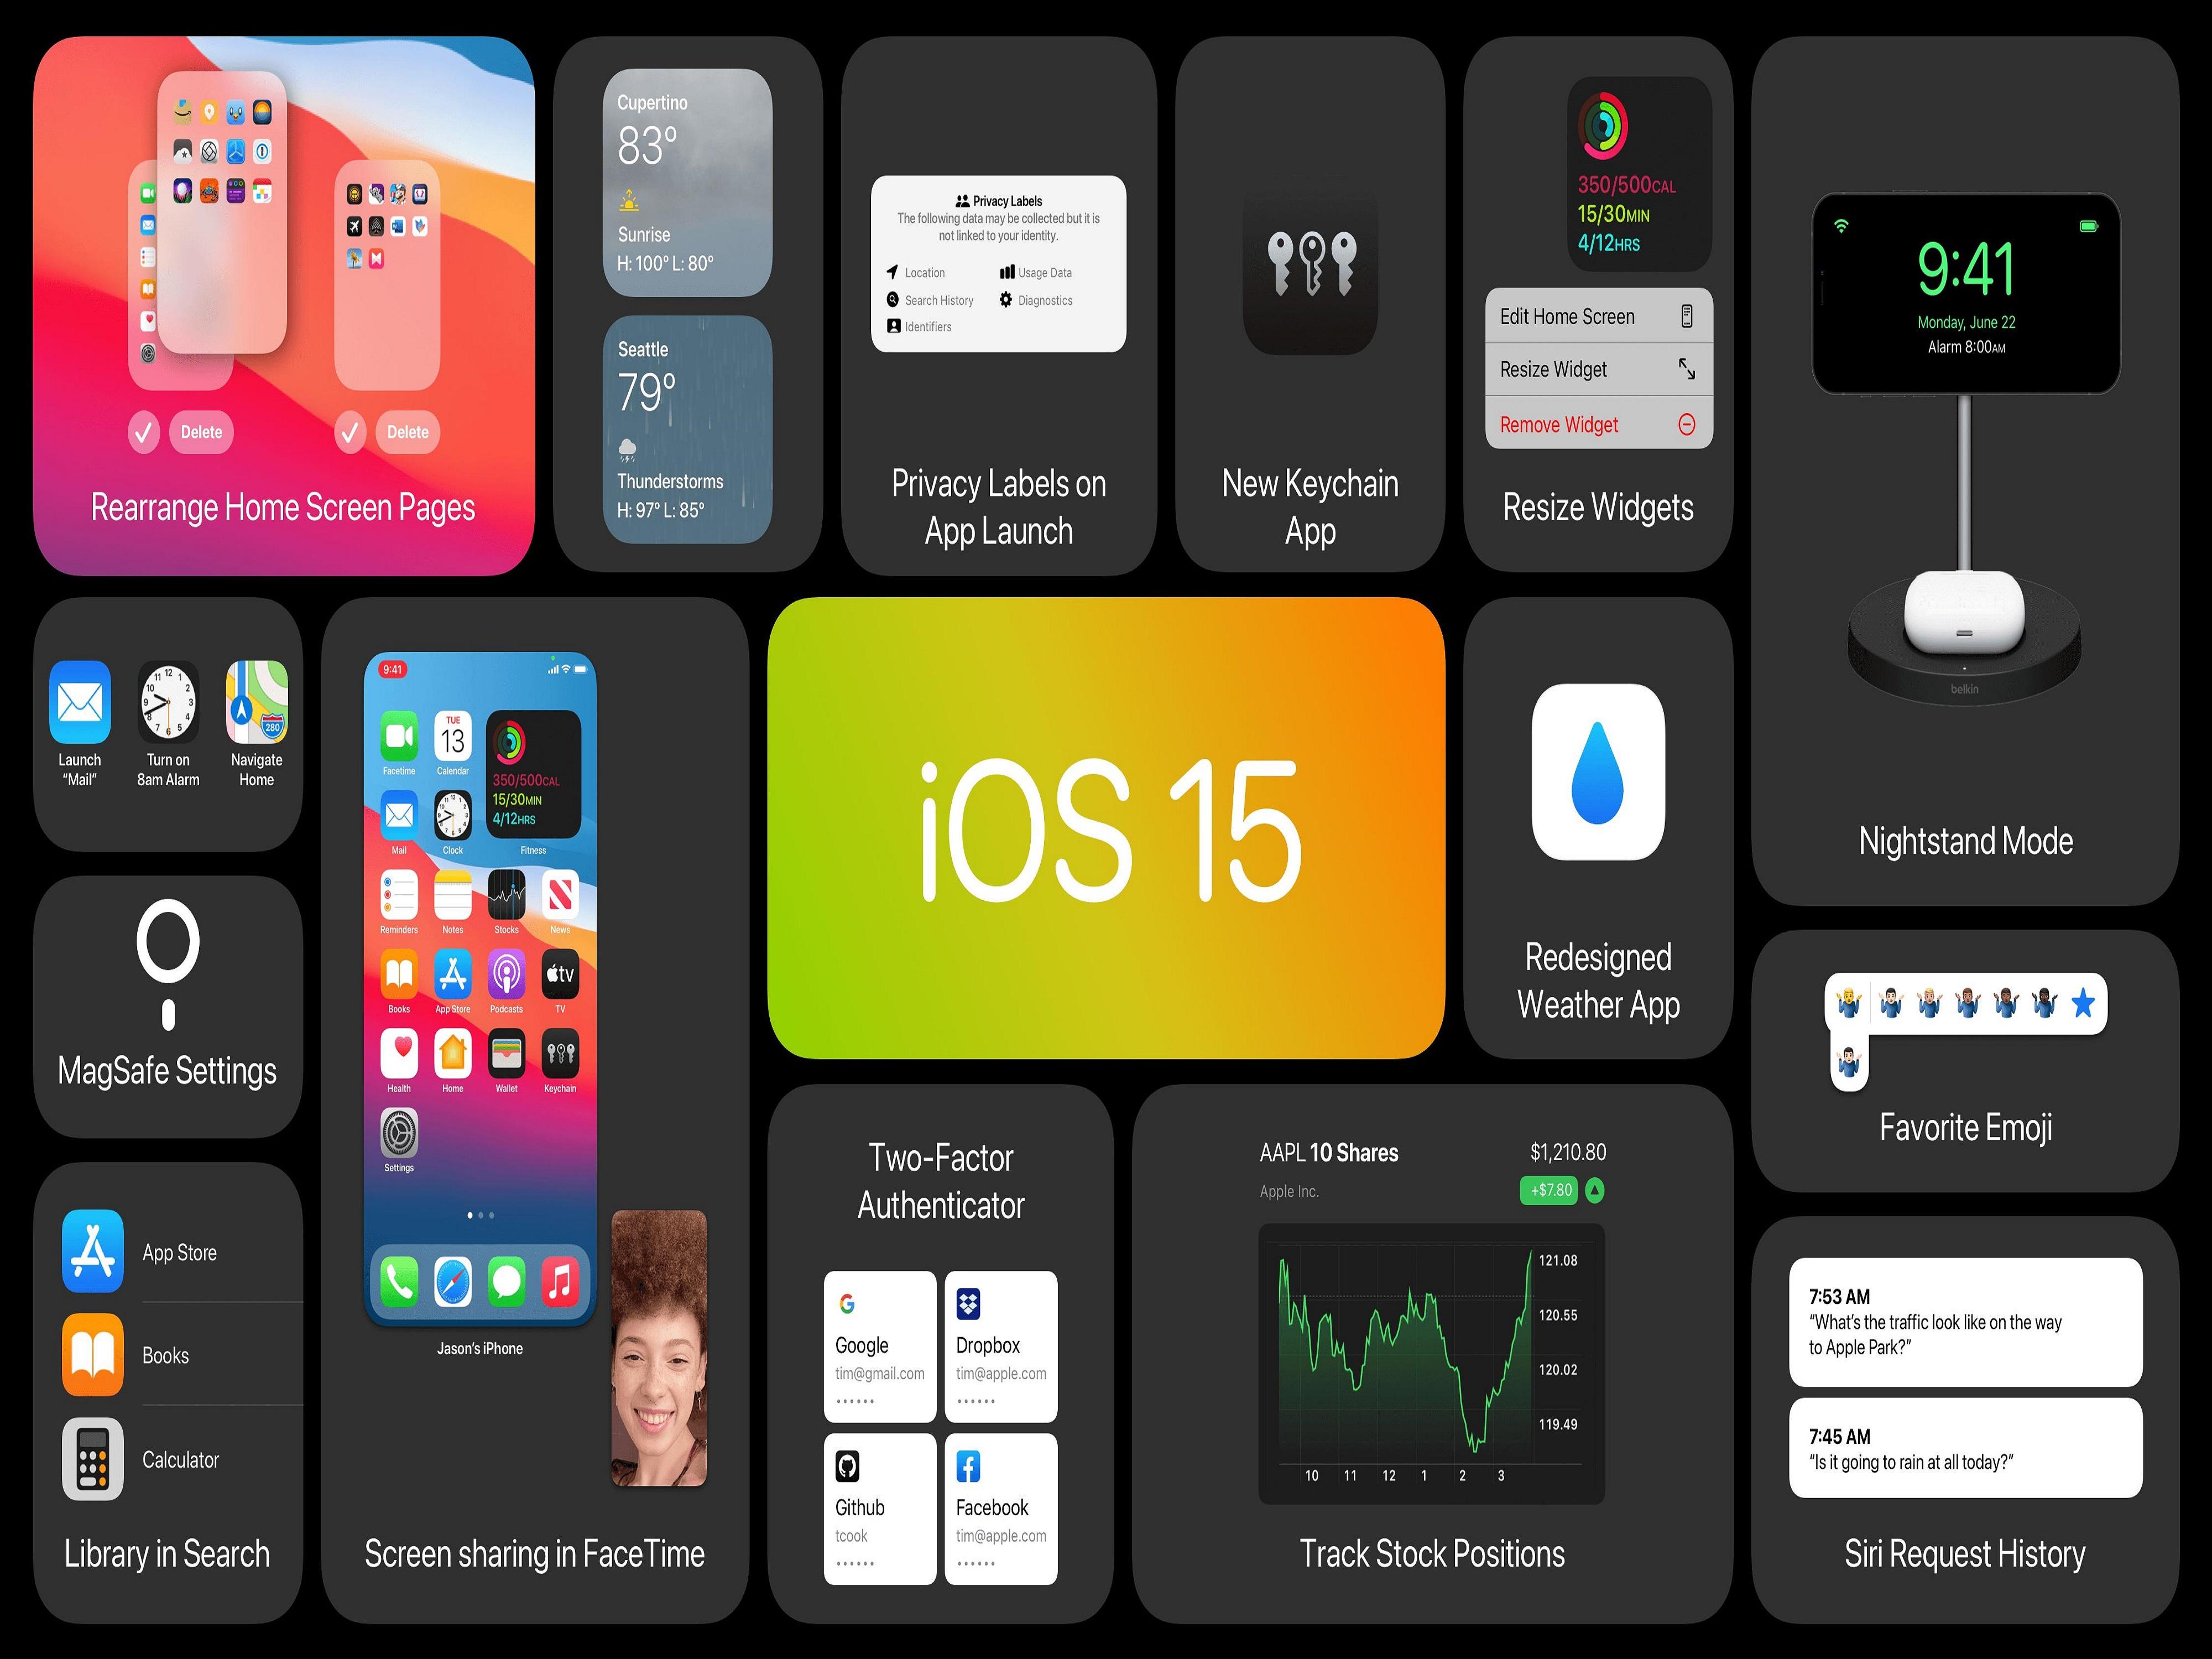 苹果开始抄袭鸿蒙?iOS 15正式发布 果粉表示很失望